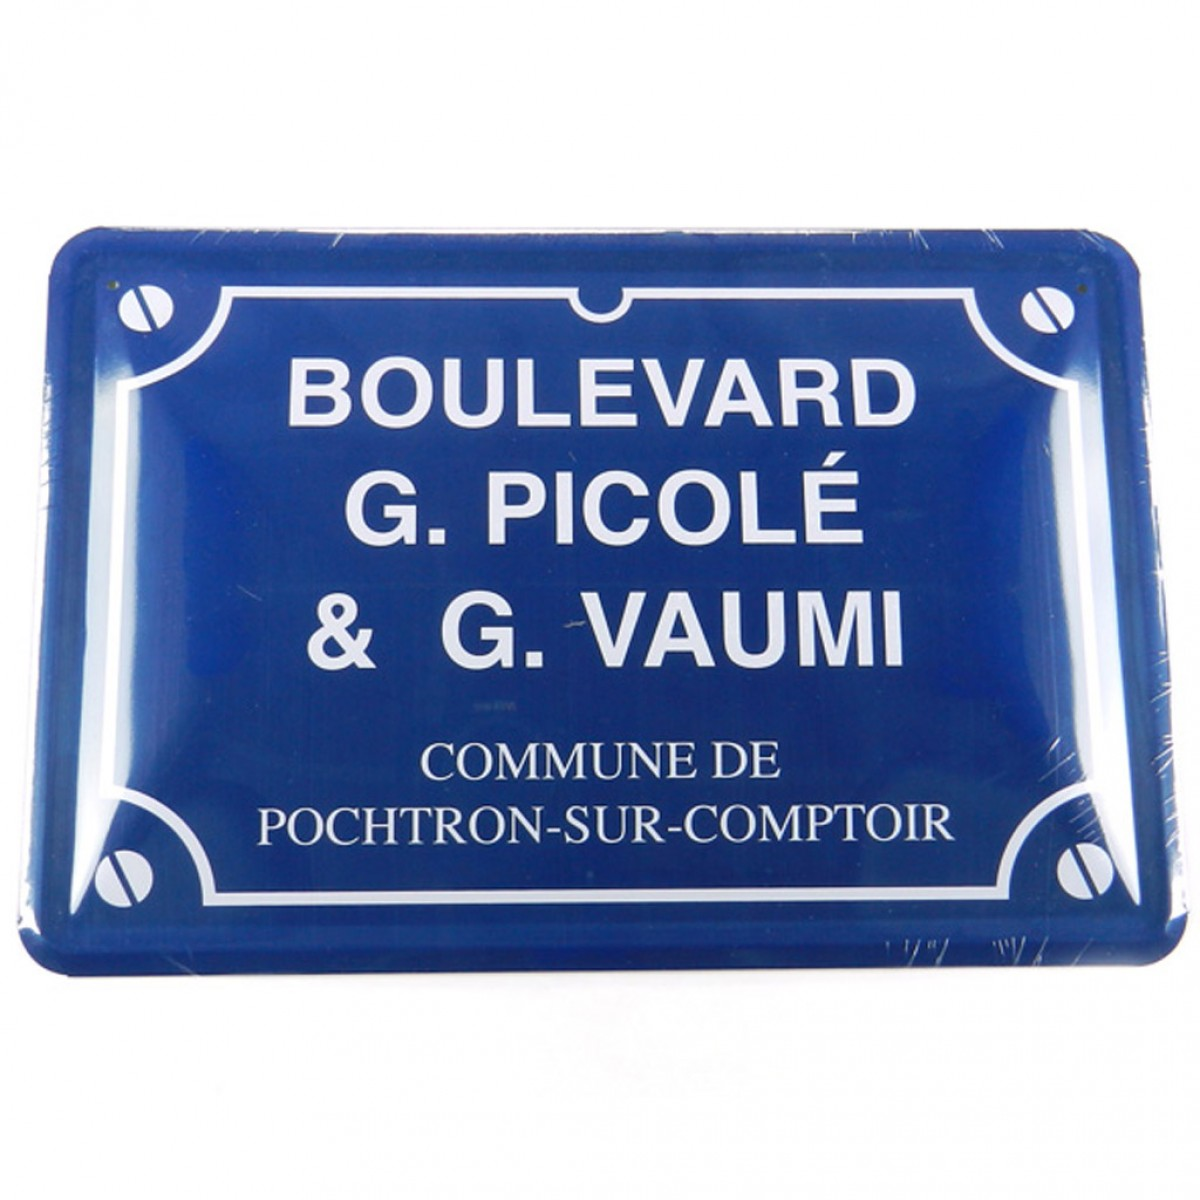 Bon anniv' ludin Plaque-de-rue-bd-g-picole